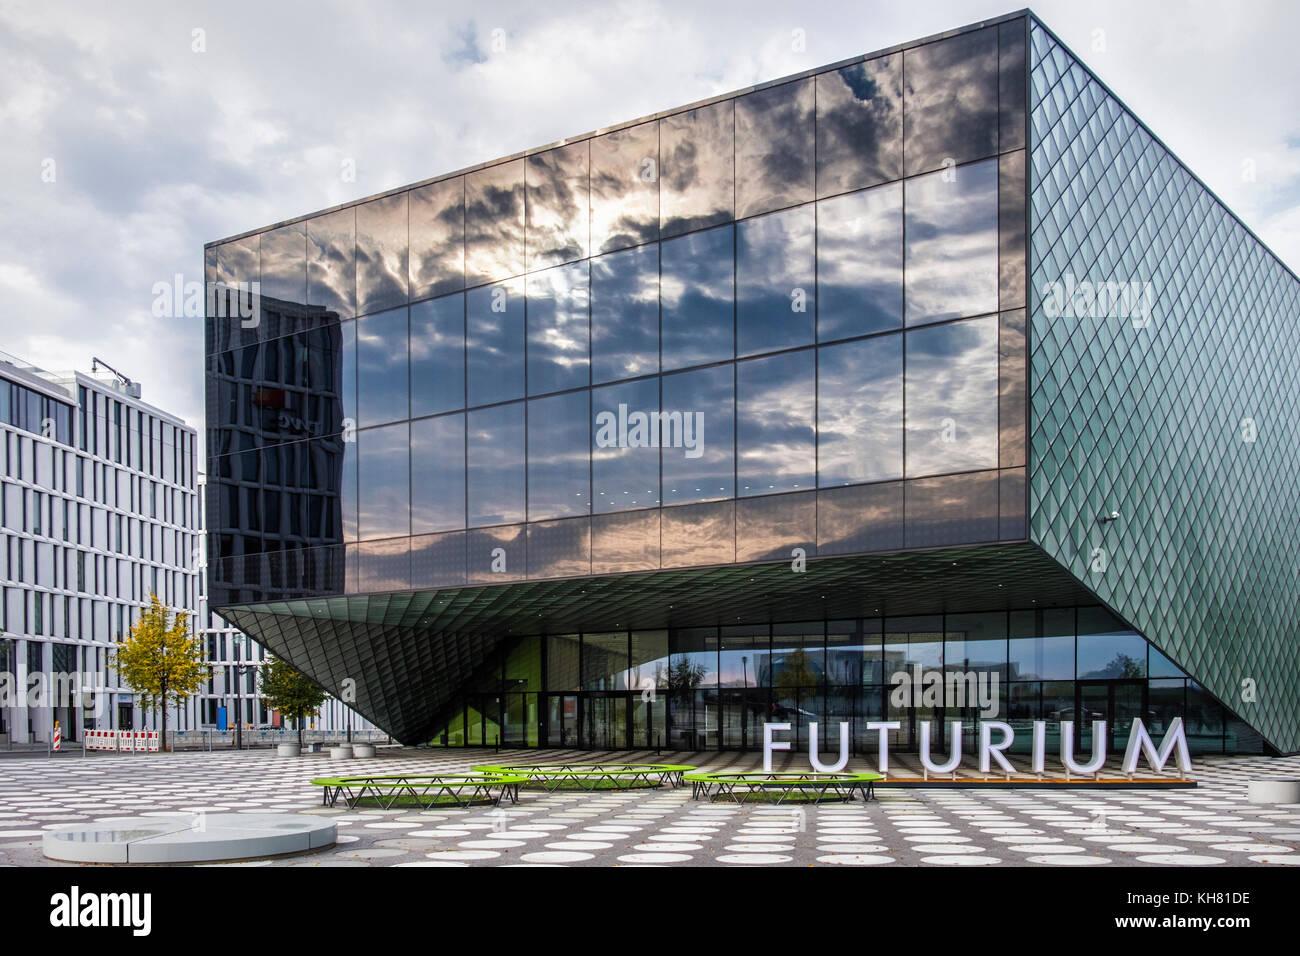 berlin der futurium zentrum f r die zukunft moderne geb ude aus glas die von architekten. Black Bedroom Furniture Sets. Home Design Ideas